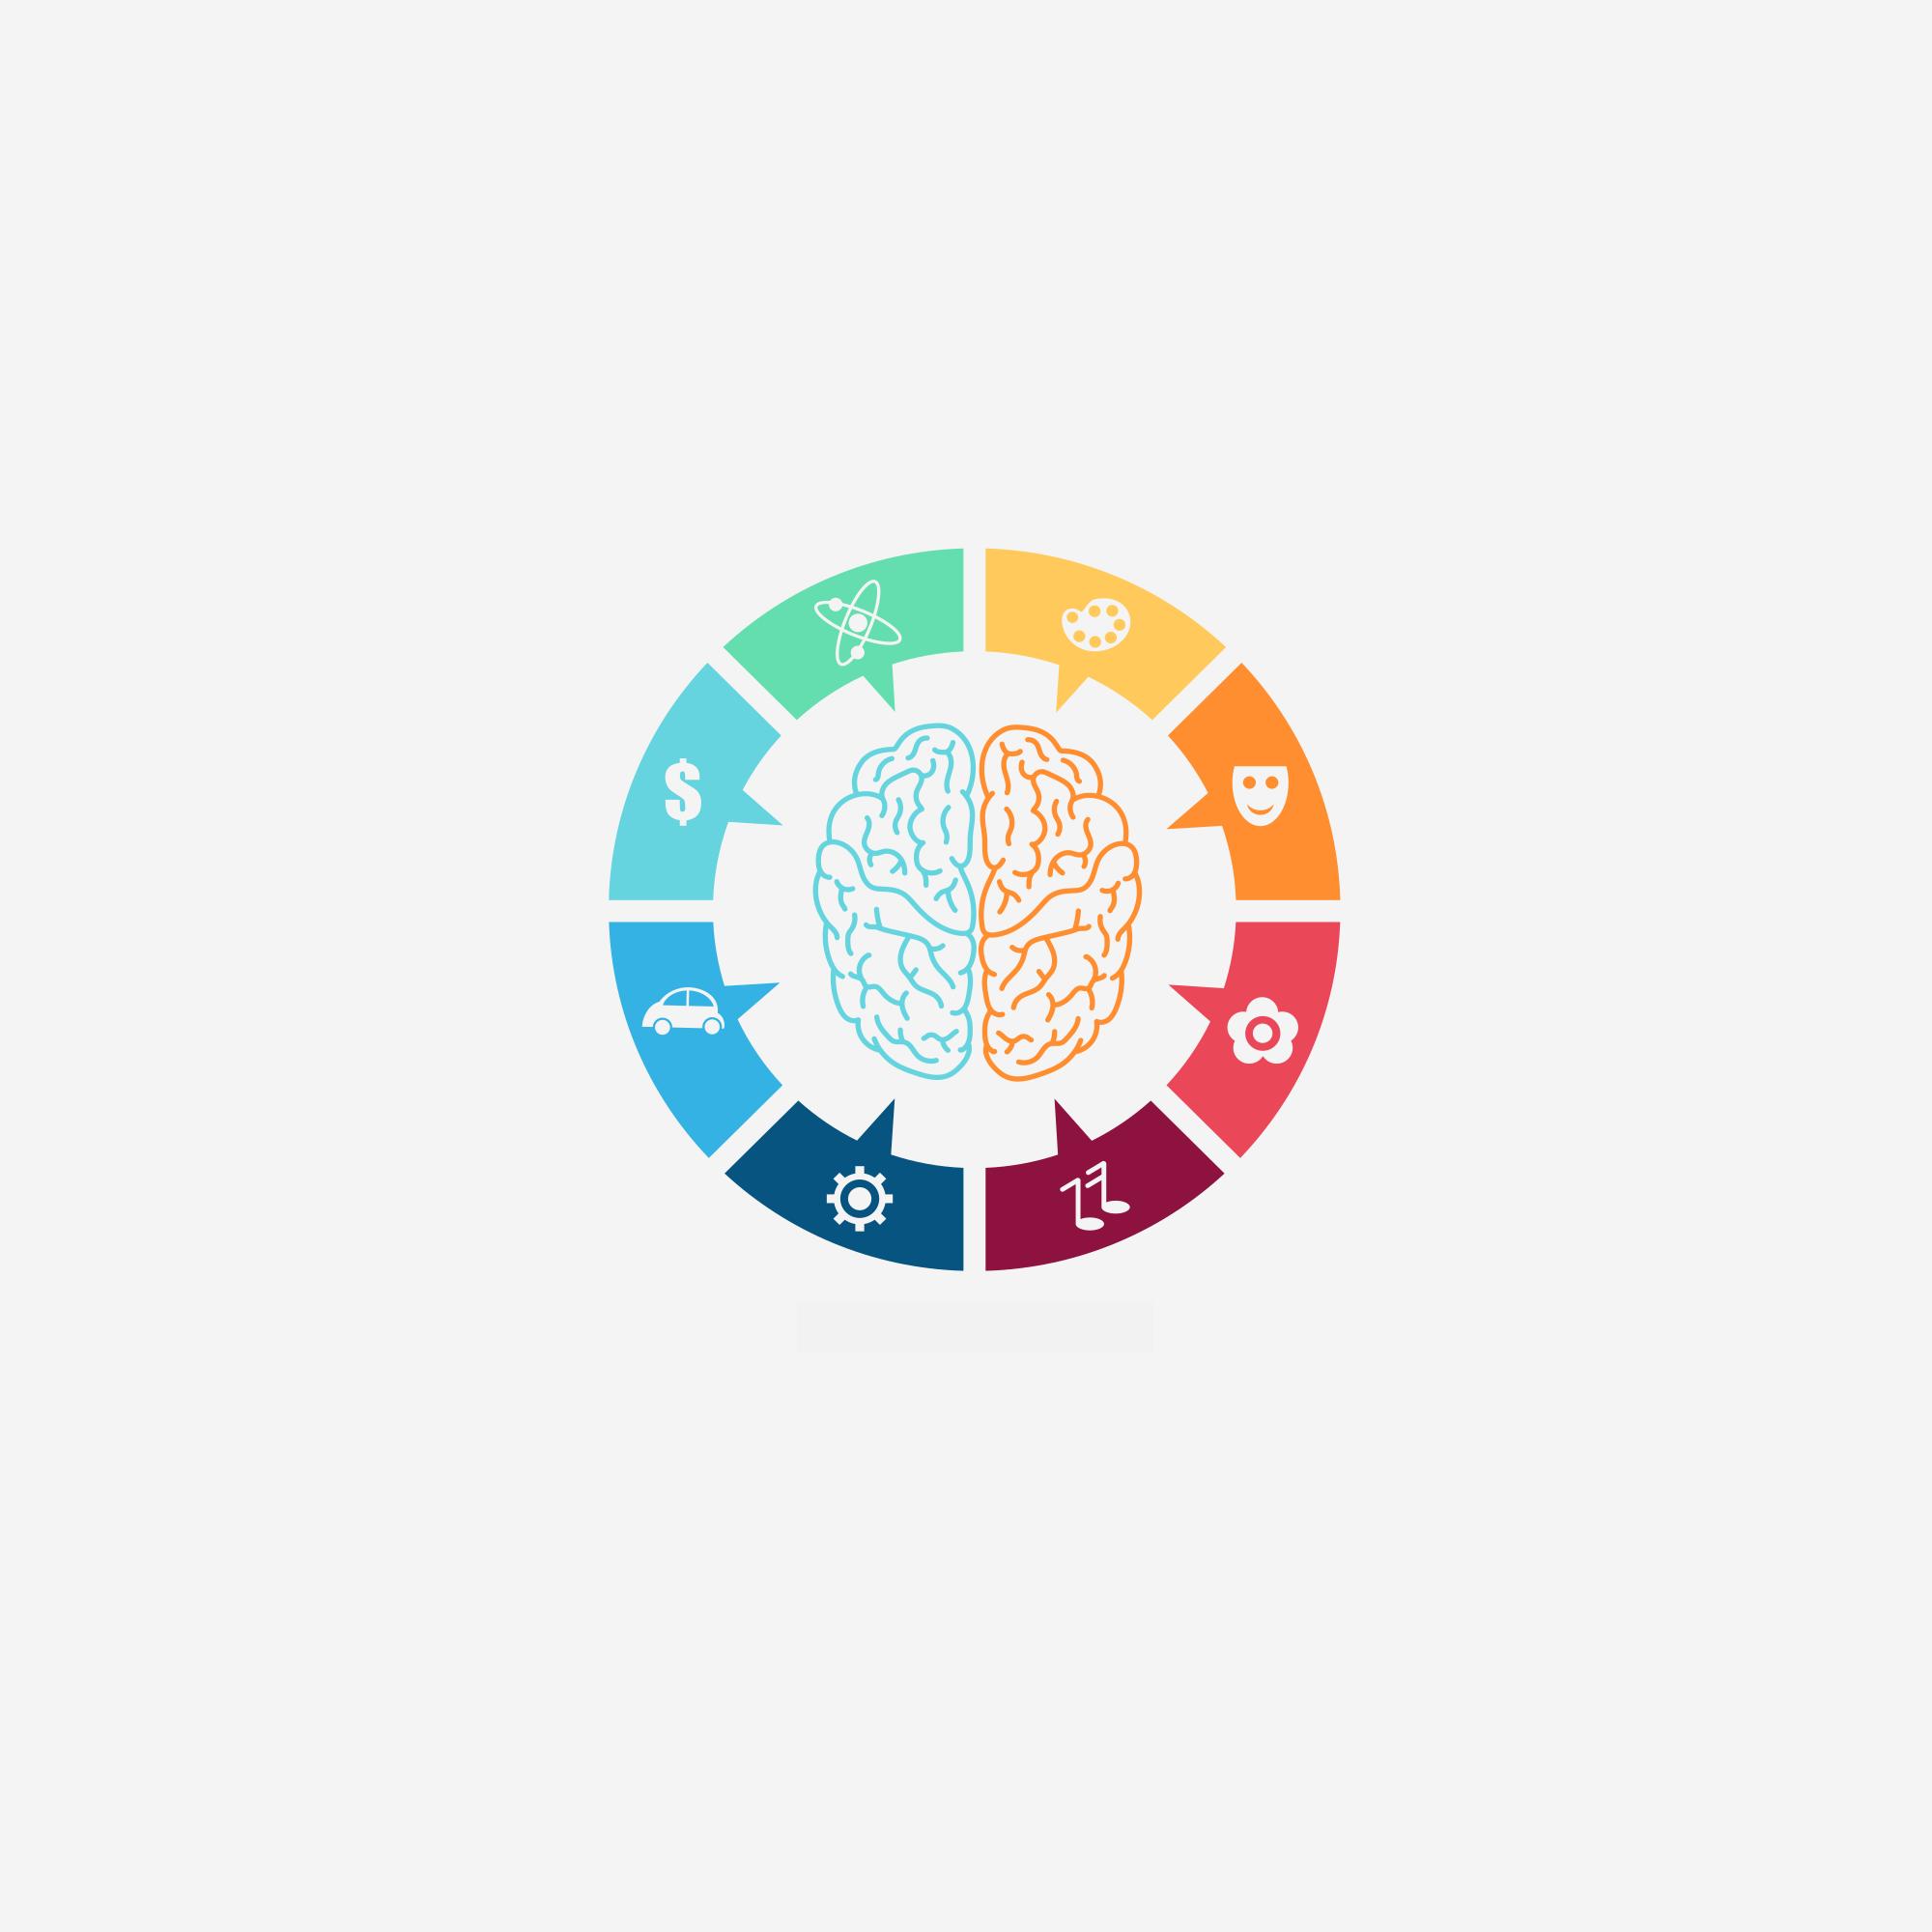 brain-logic-think-thought-chart-smart